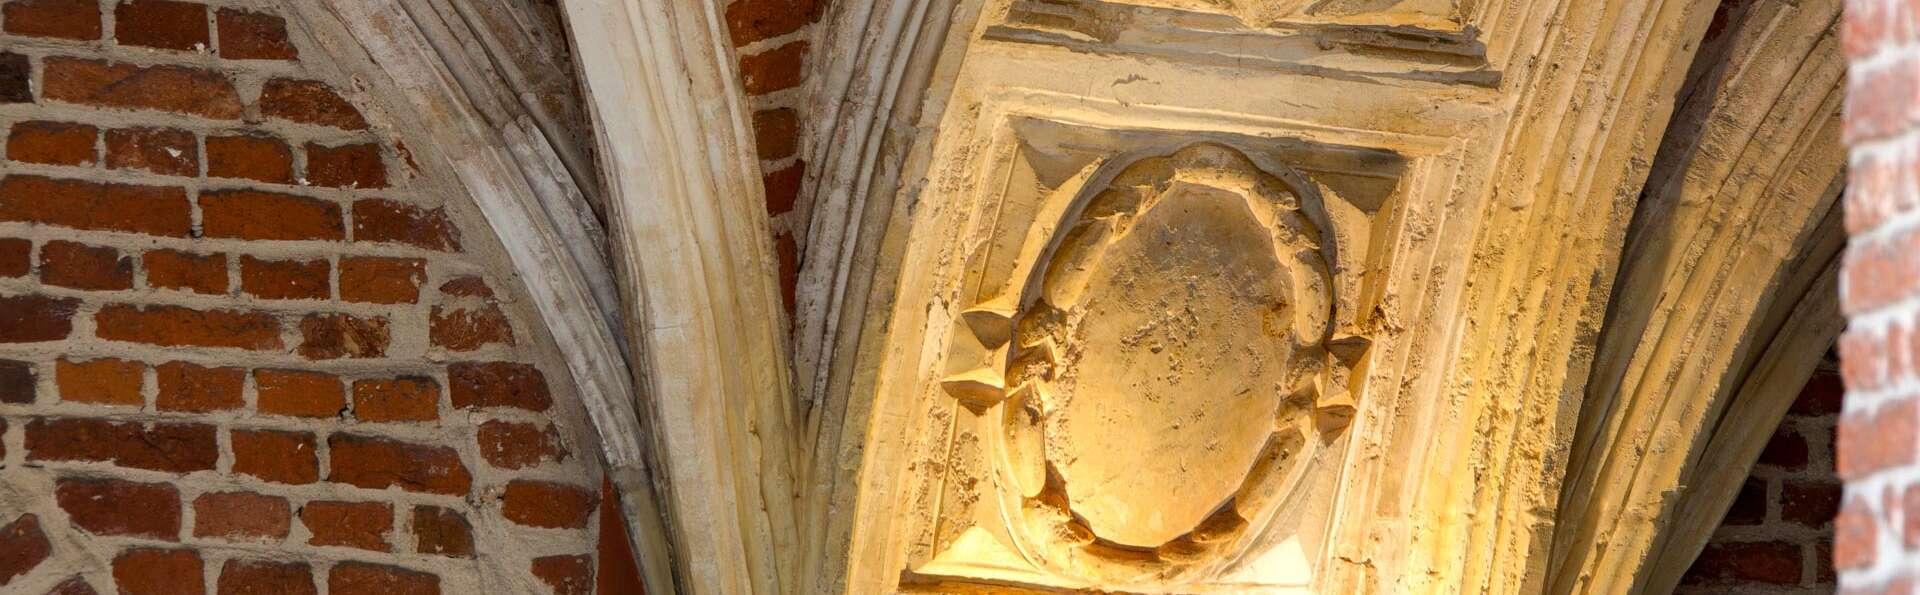 Remontée dans le temps au cœur de Lille dans un ancien couvent du XVIIème siècle